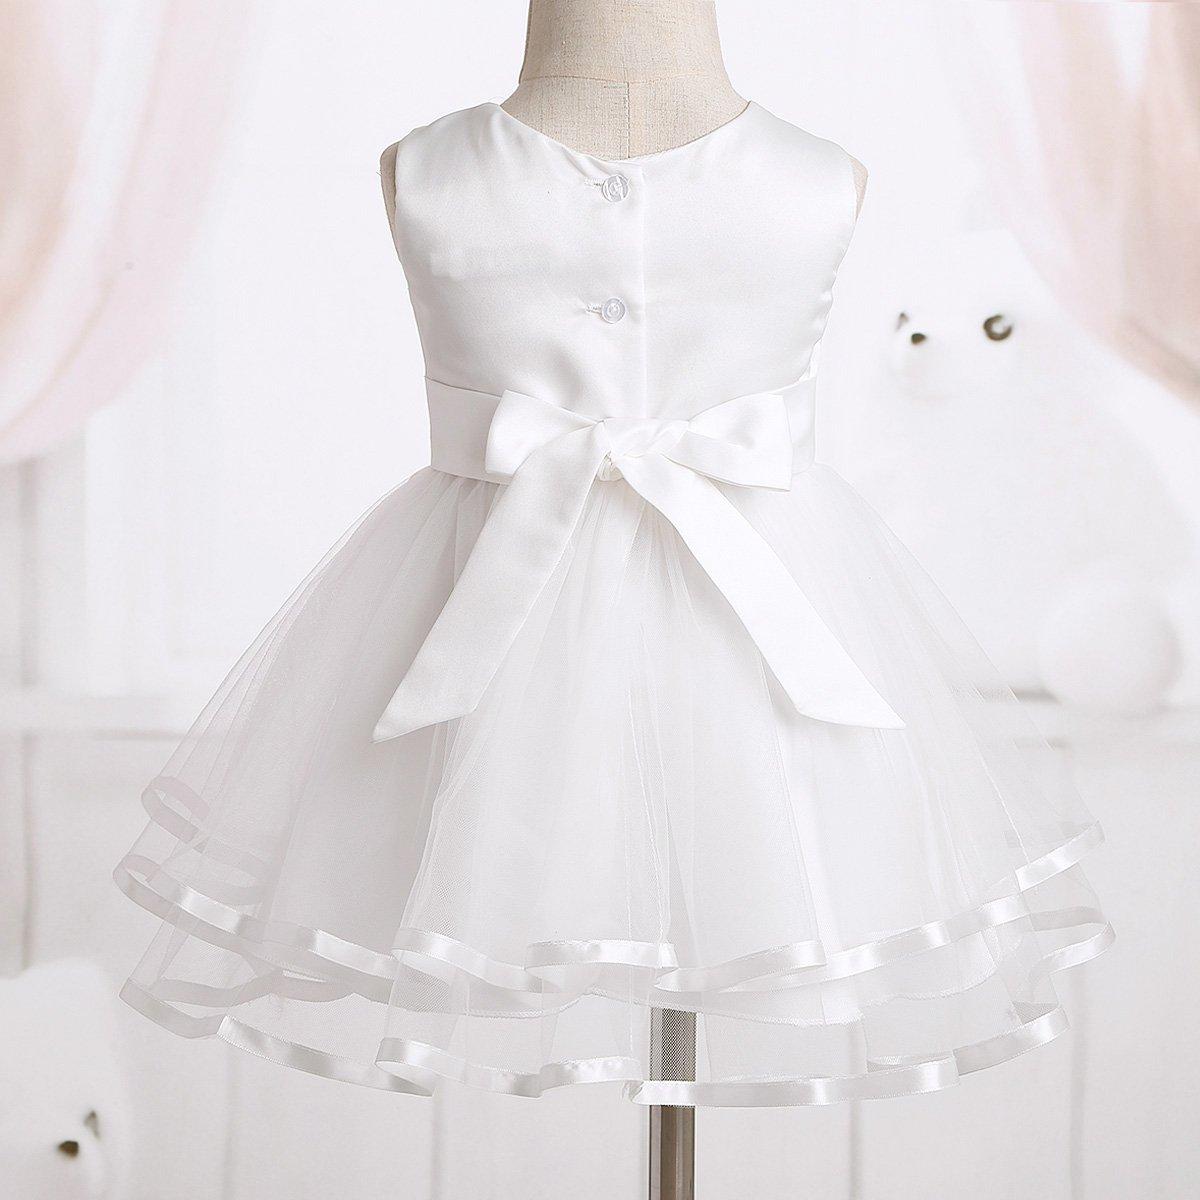 3a0492b43f877 Freebily Robe de Baptême sans Manches Bébé Fille Brodée Fleur Robe  d anniversaire Cérémonie à Bouton avec Bloomers Princesse Noël Tenue Outfit  0-24 Mois  ...